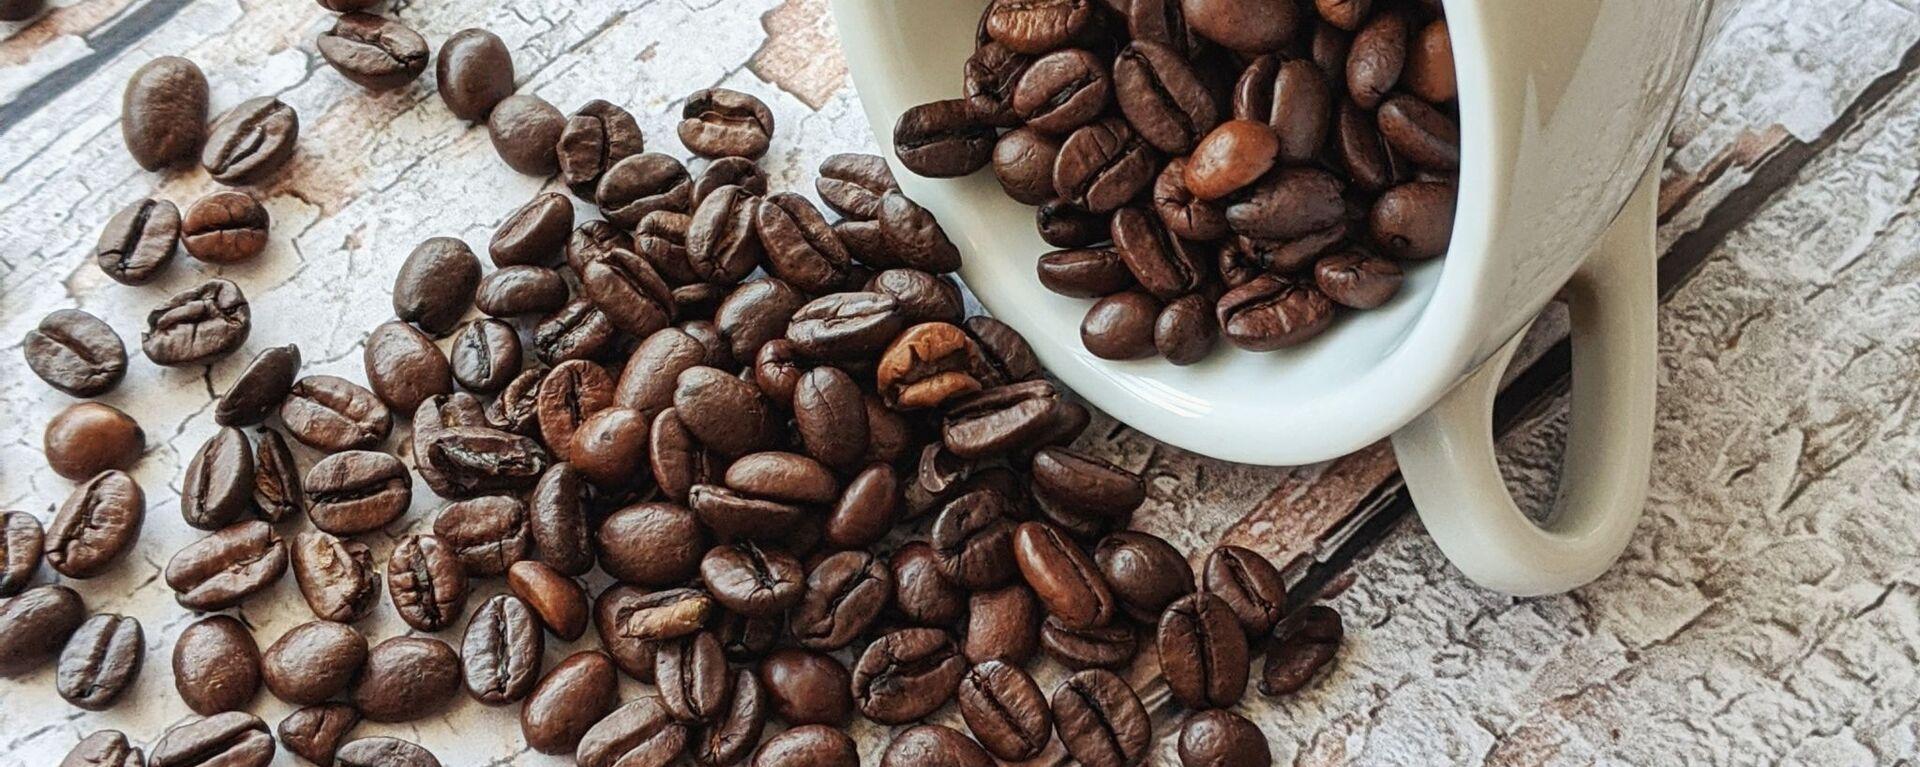 Granos de café - Sputnik Mundo, 1920, 03.08.2021